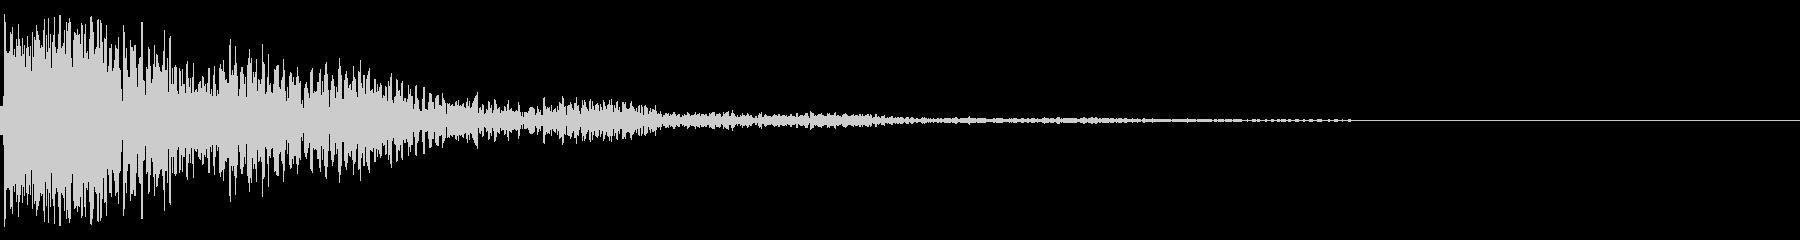 太鼓と鼓の和風インパクトジングル!01の未再生の波形